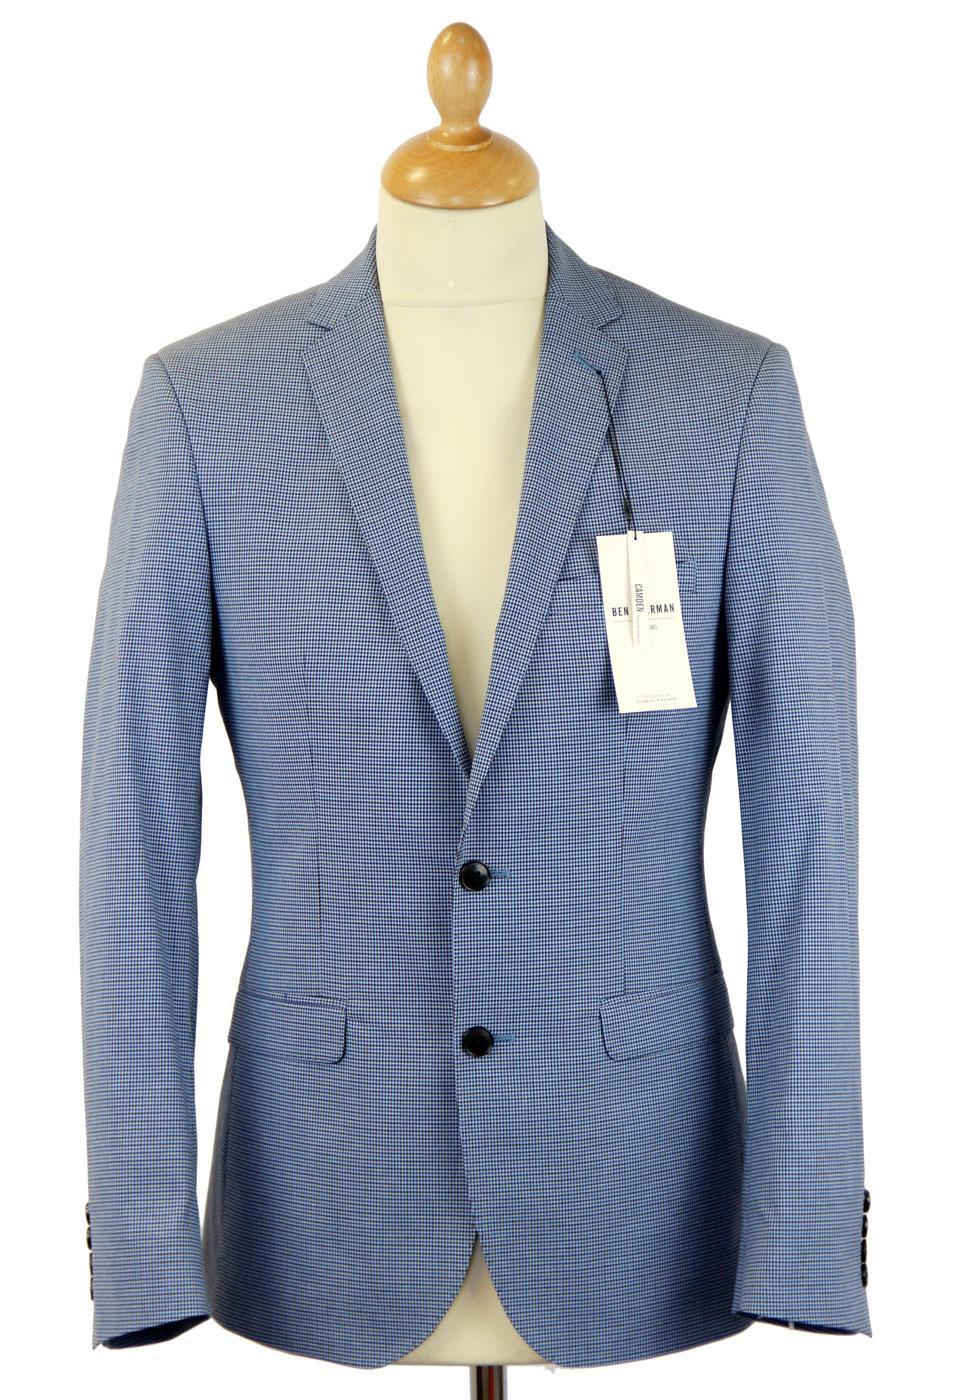 BEN SHERMAN Tailoring Mod Micro Check Notch Blazer